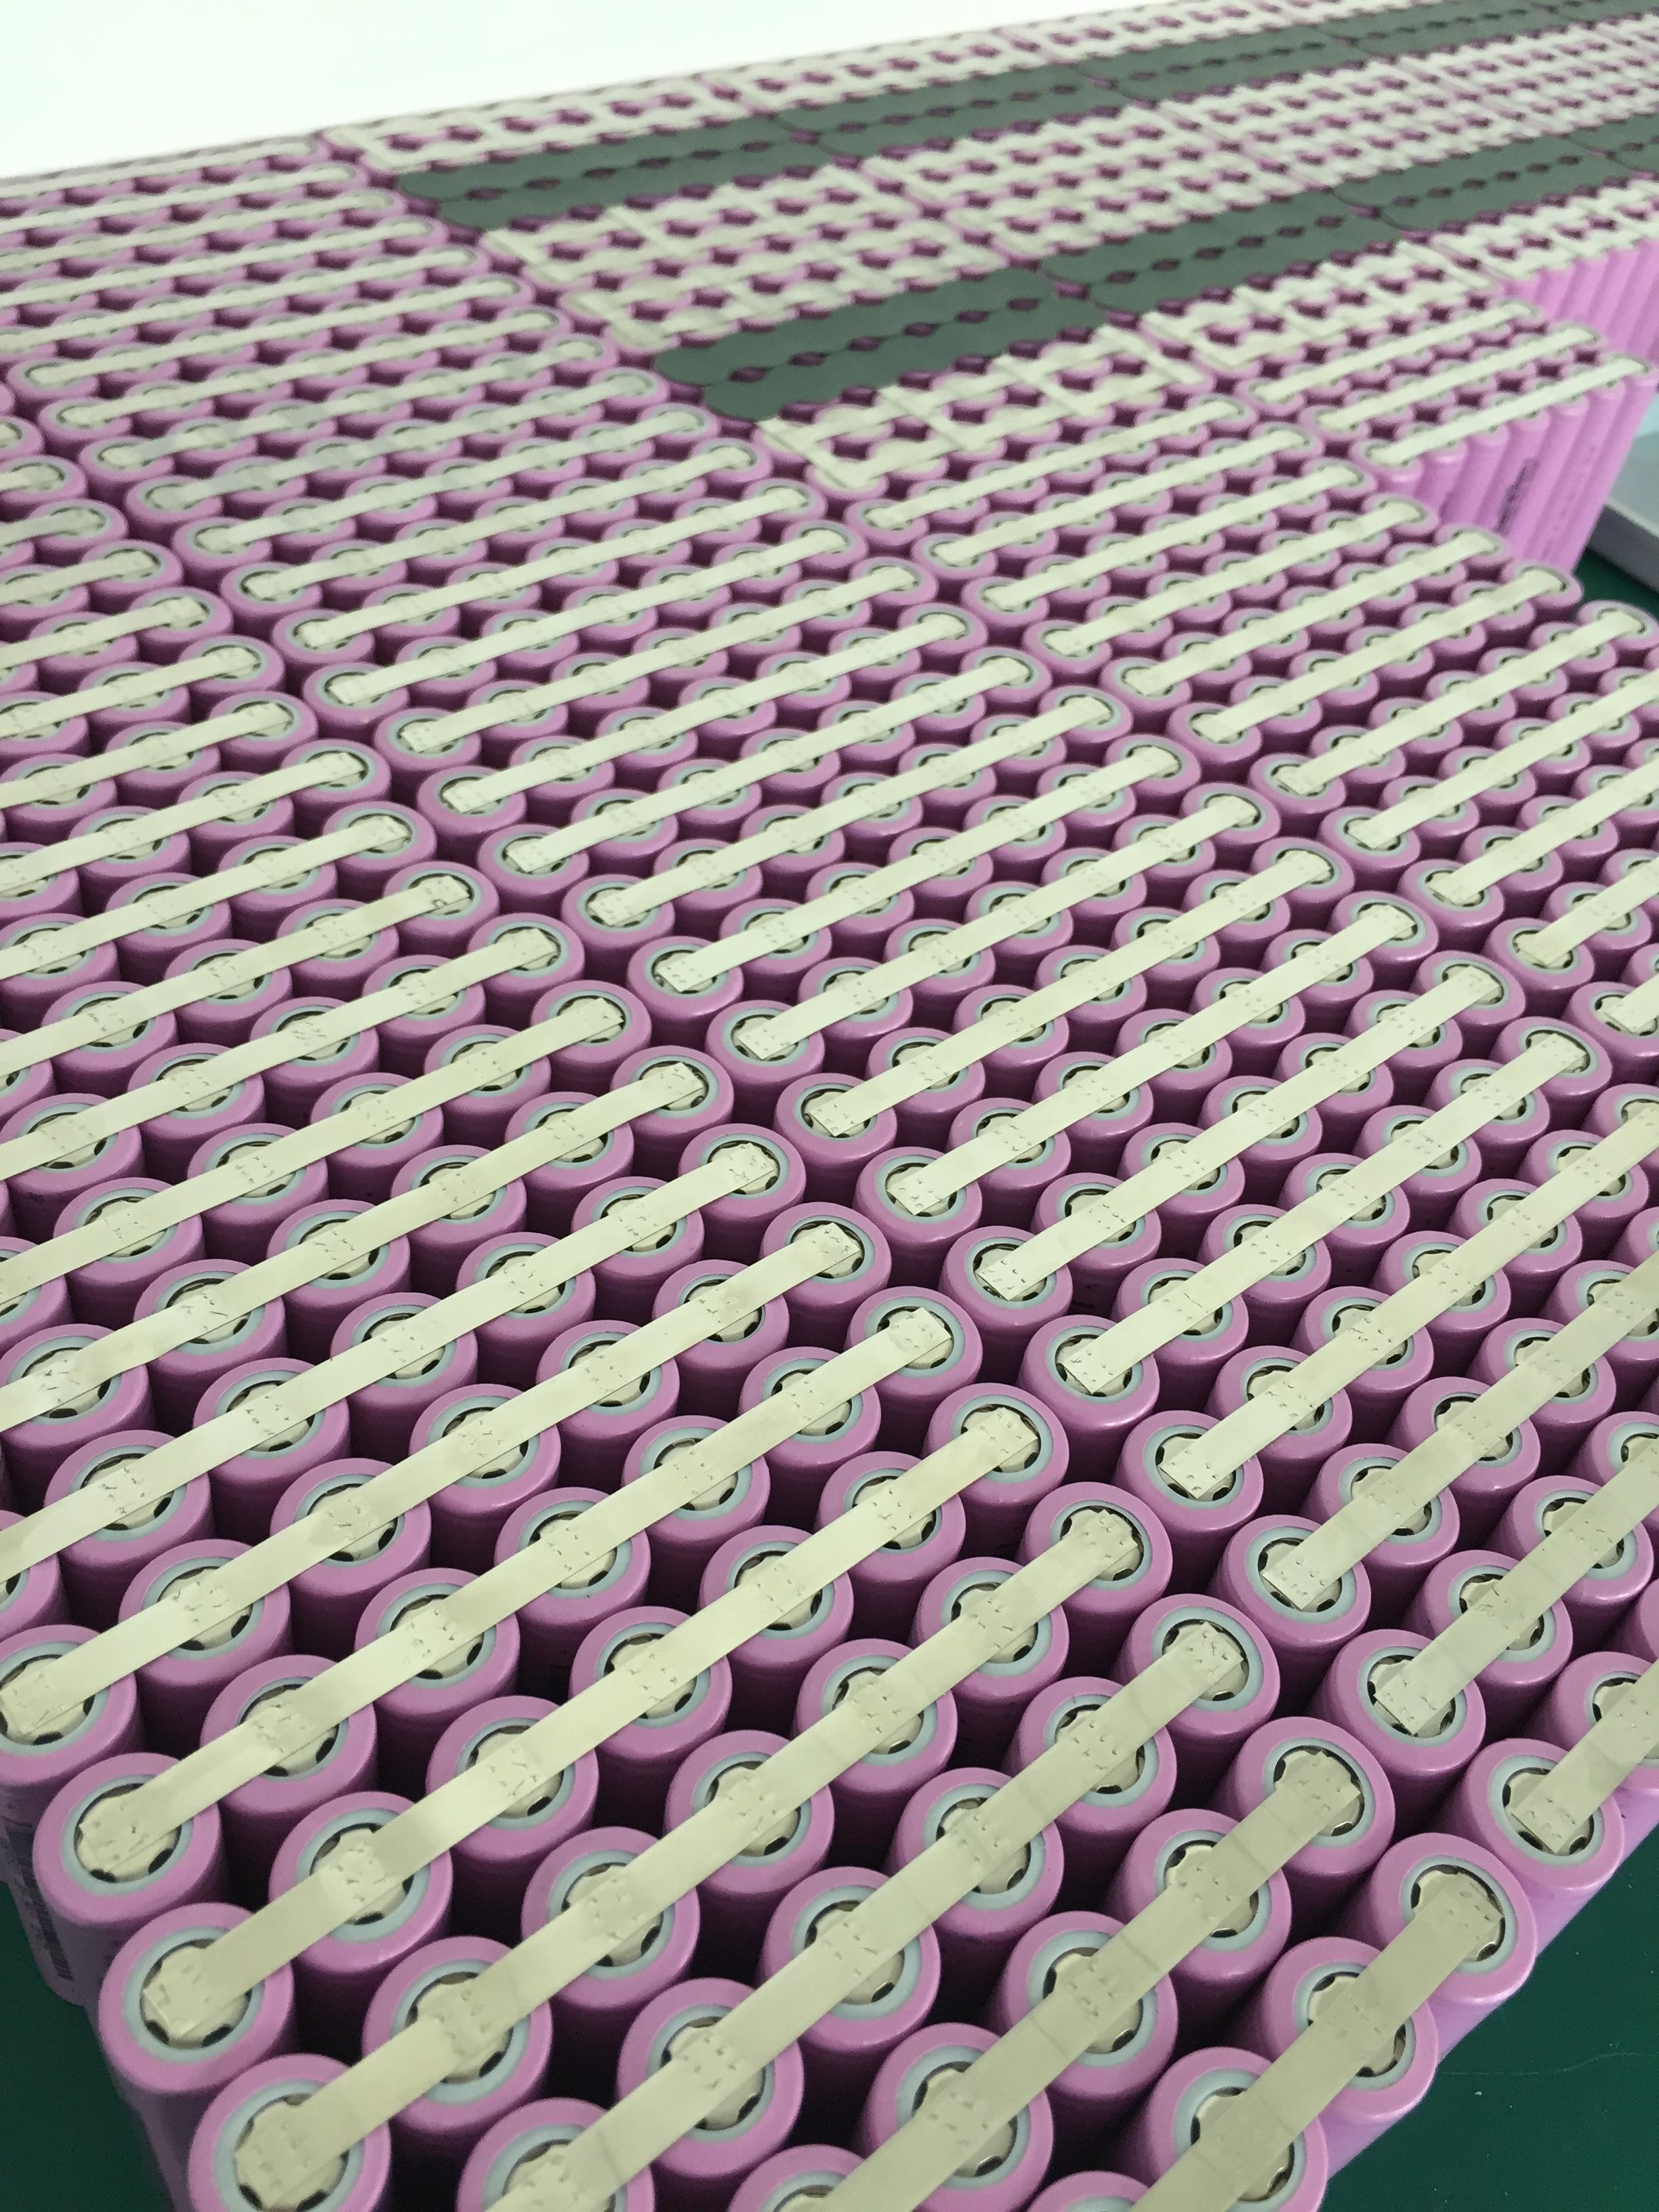 太阳能锂电池要经过哪些测试才能出厂